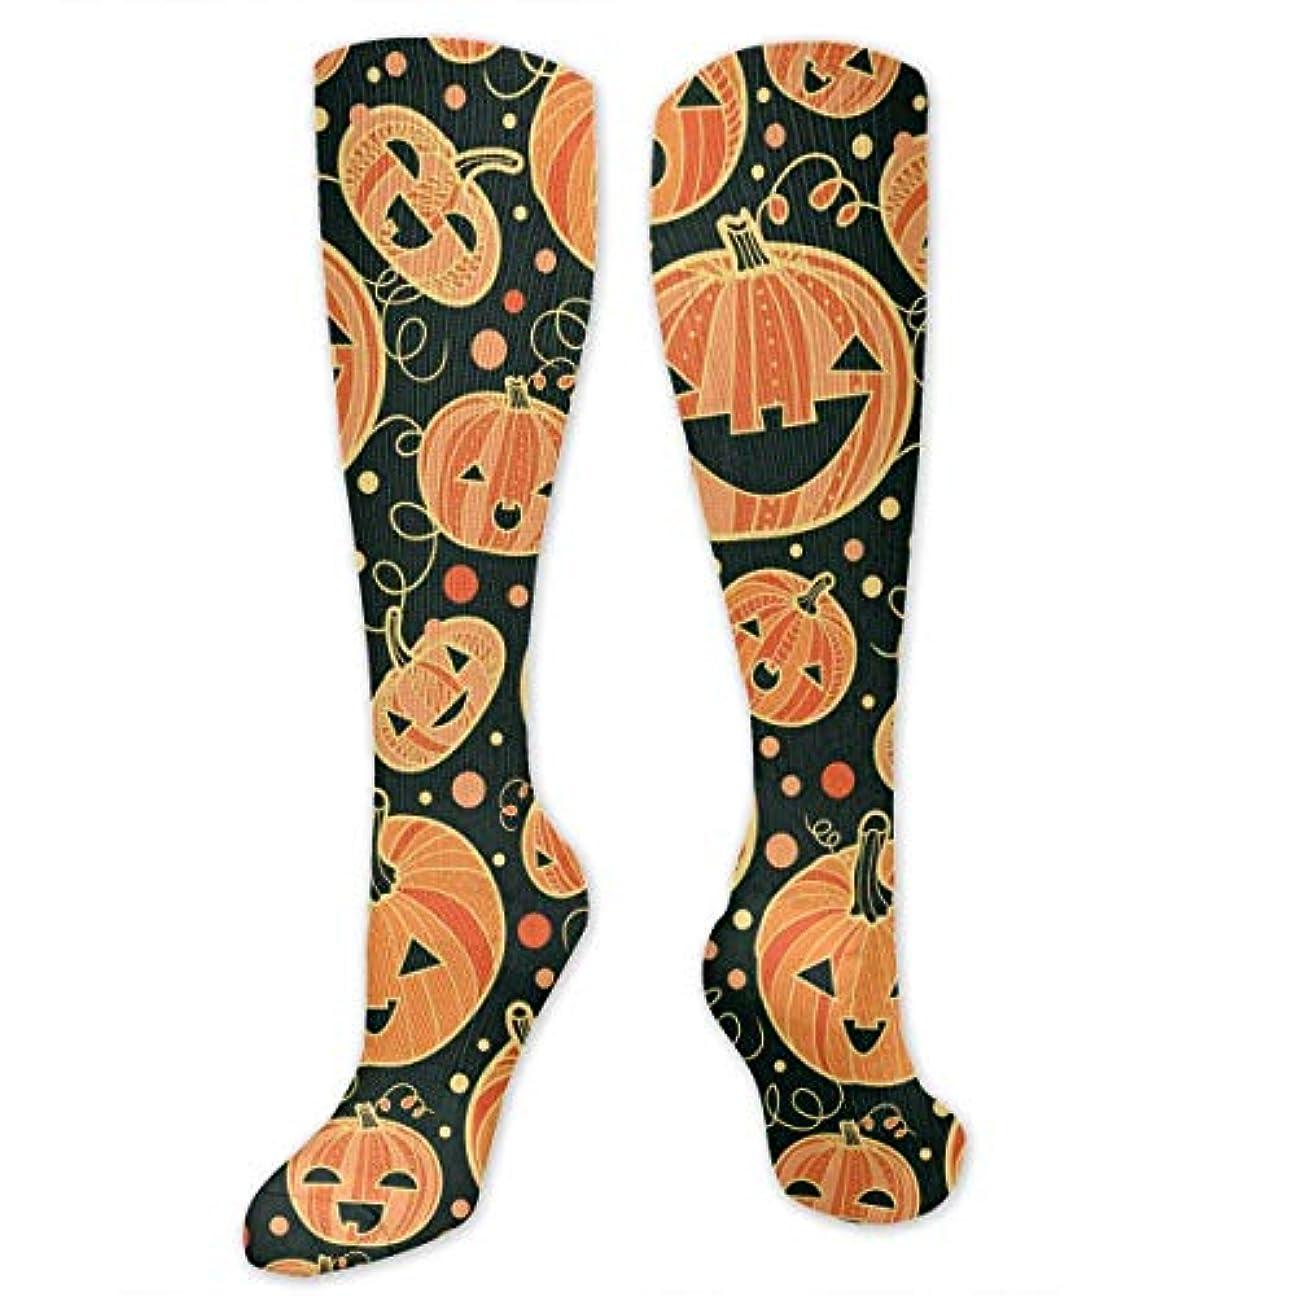 痛み付与チャップ3 D抗菌アスファルト靴下圧縮靴下クルーソックスロングスポーツ膝ハイソックス少年少女キッズ幼児用